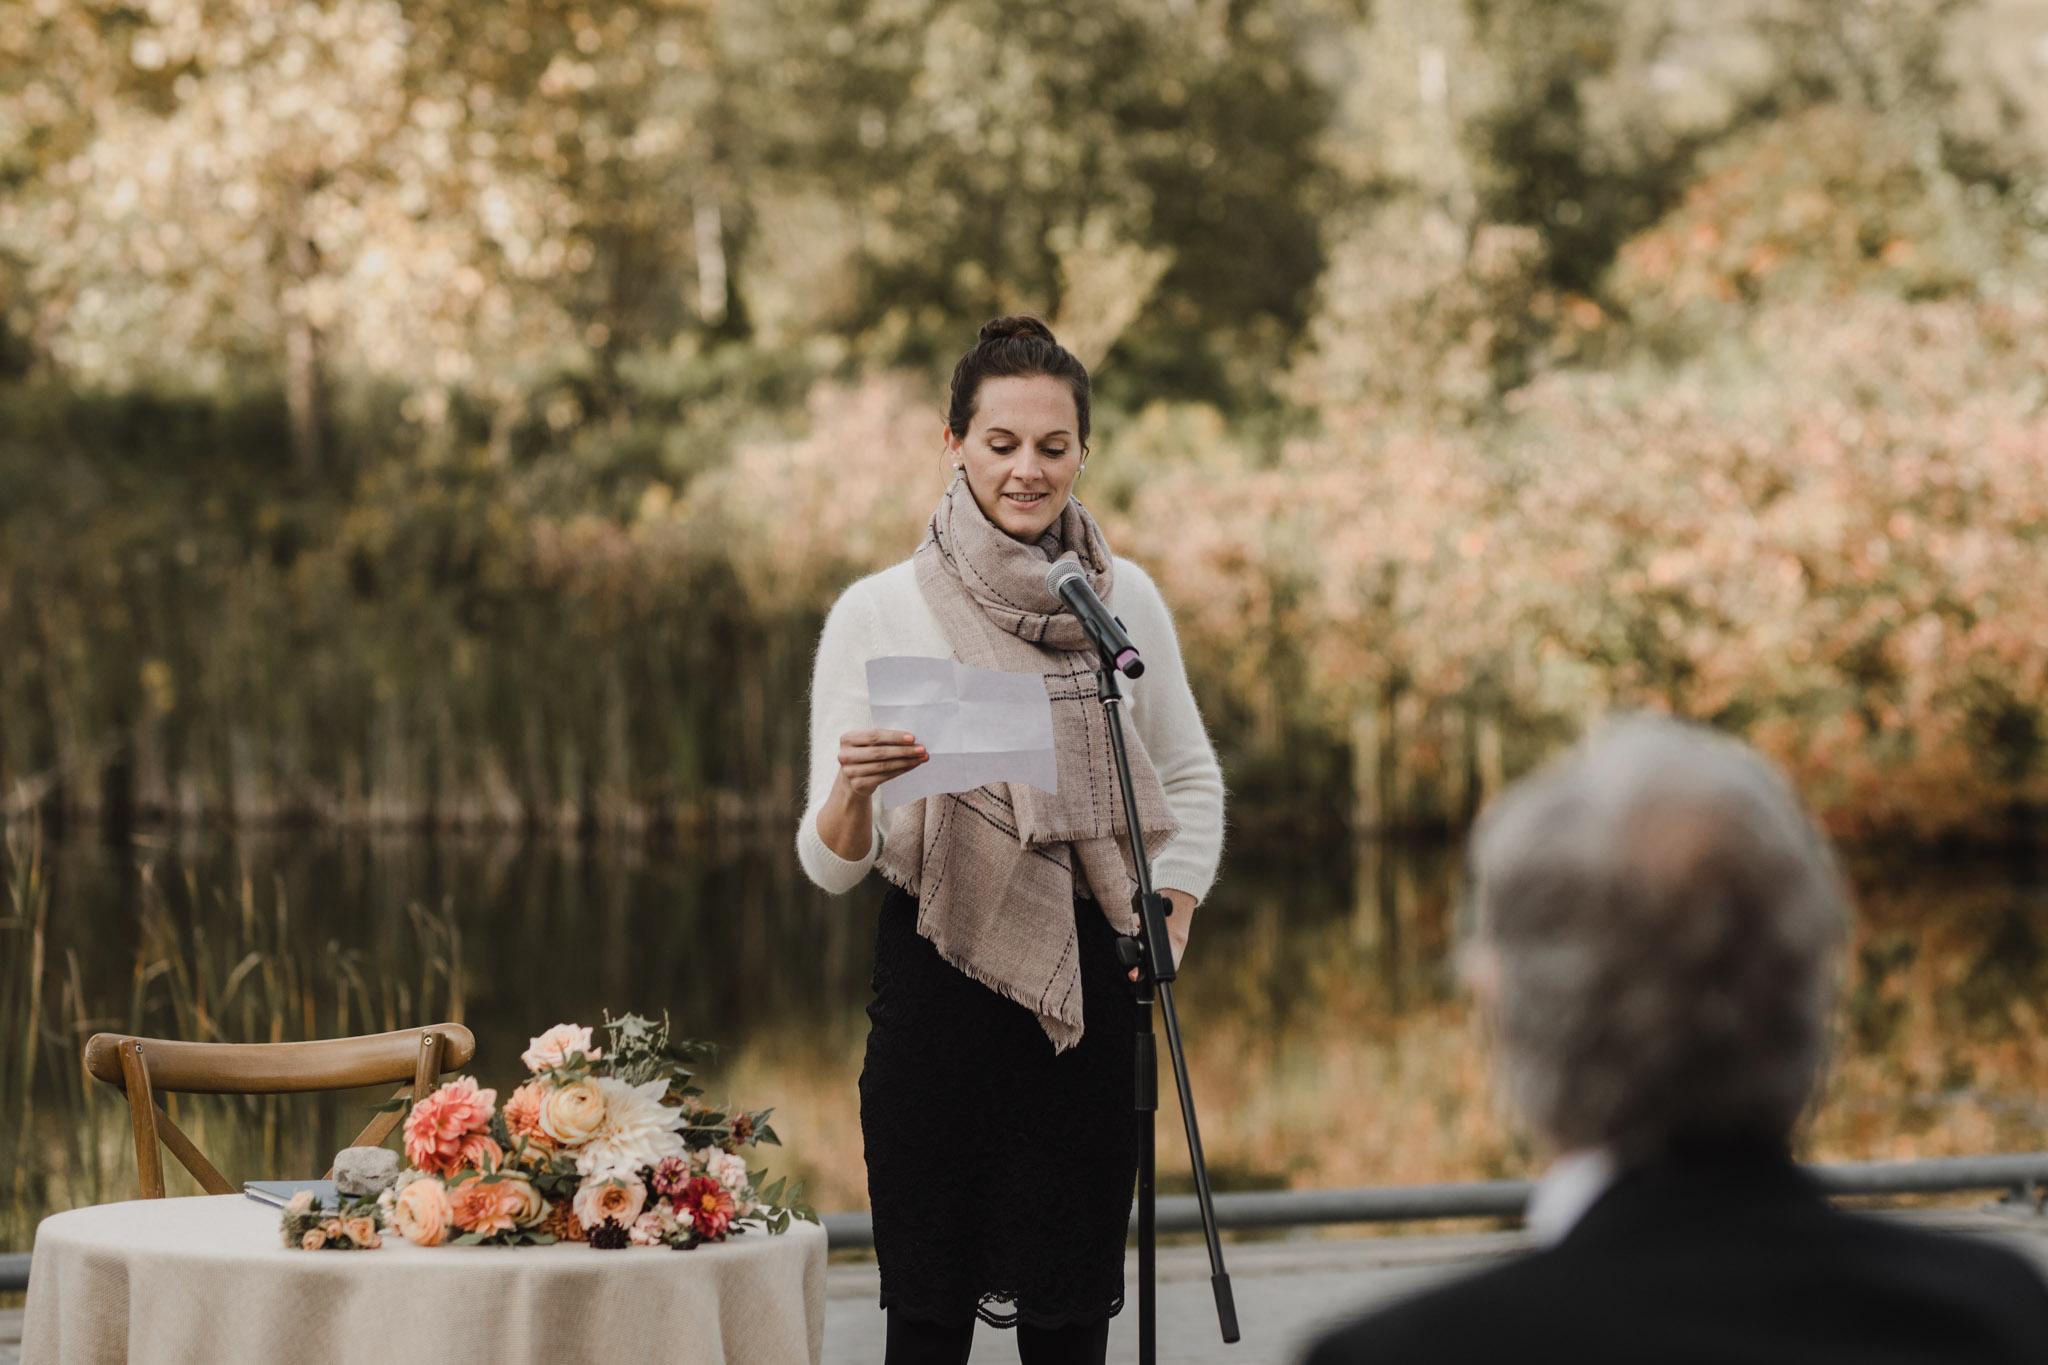 Evergreen Brickworks wedding photographer - guest giving a speech